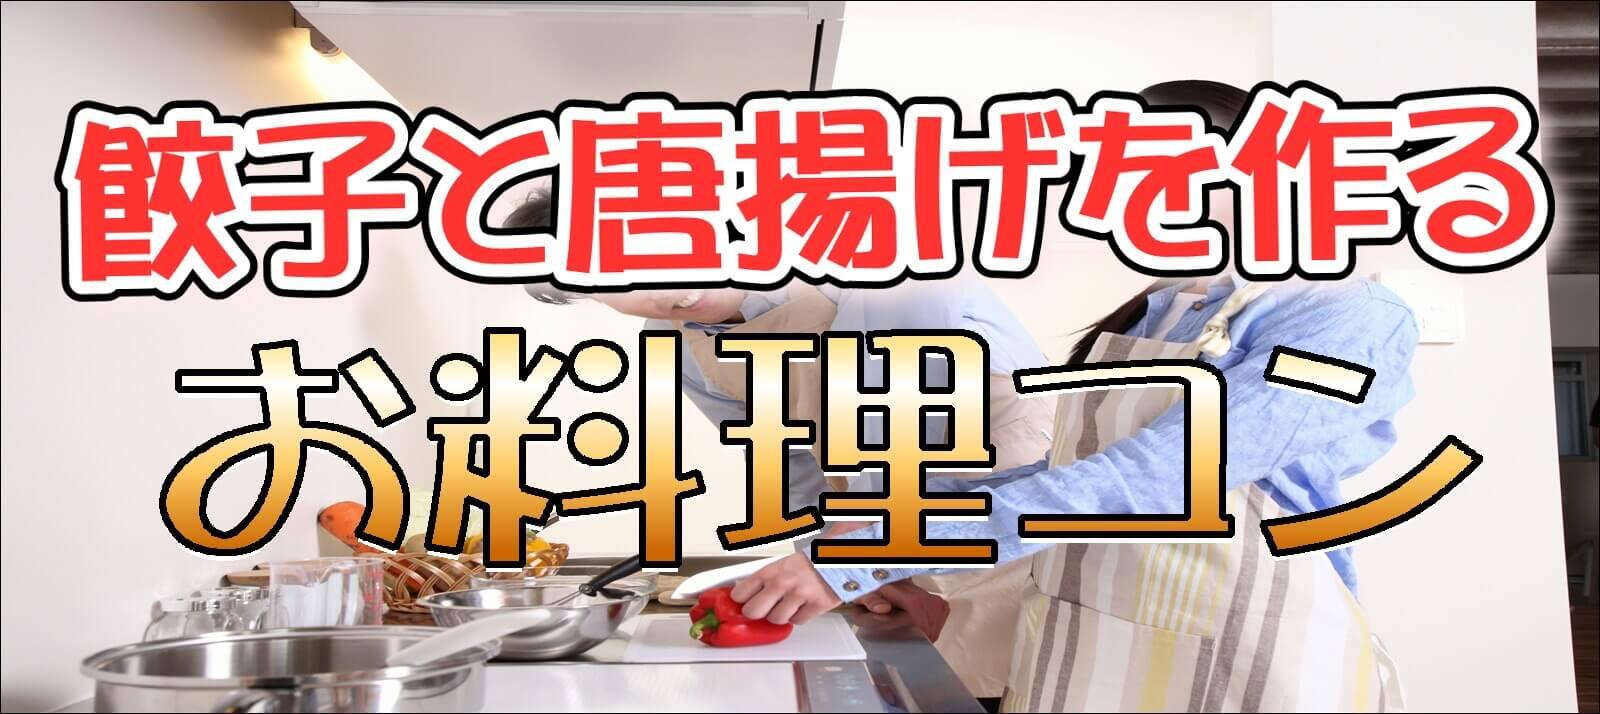 【日本橋のプチ街コン】エスクロ・ジャパン株式会社主催 2016年12月11日